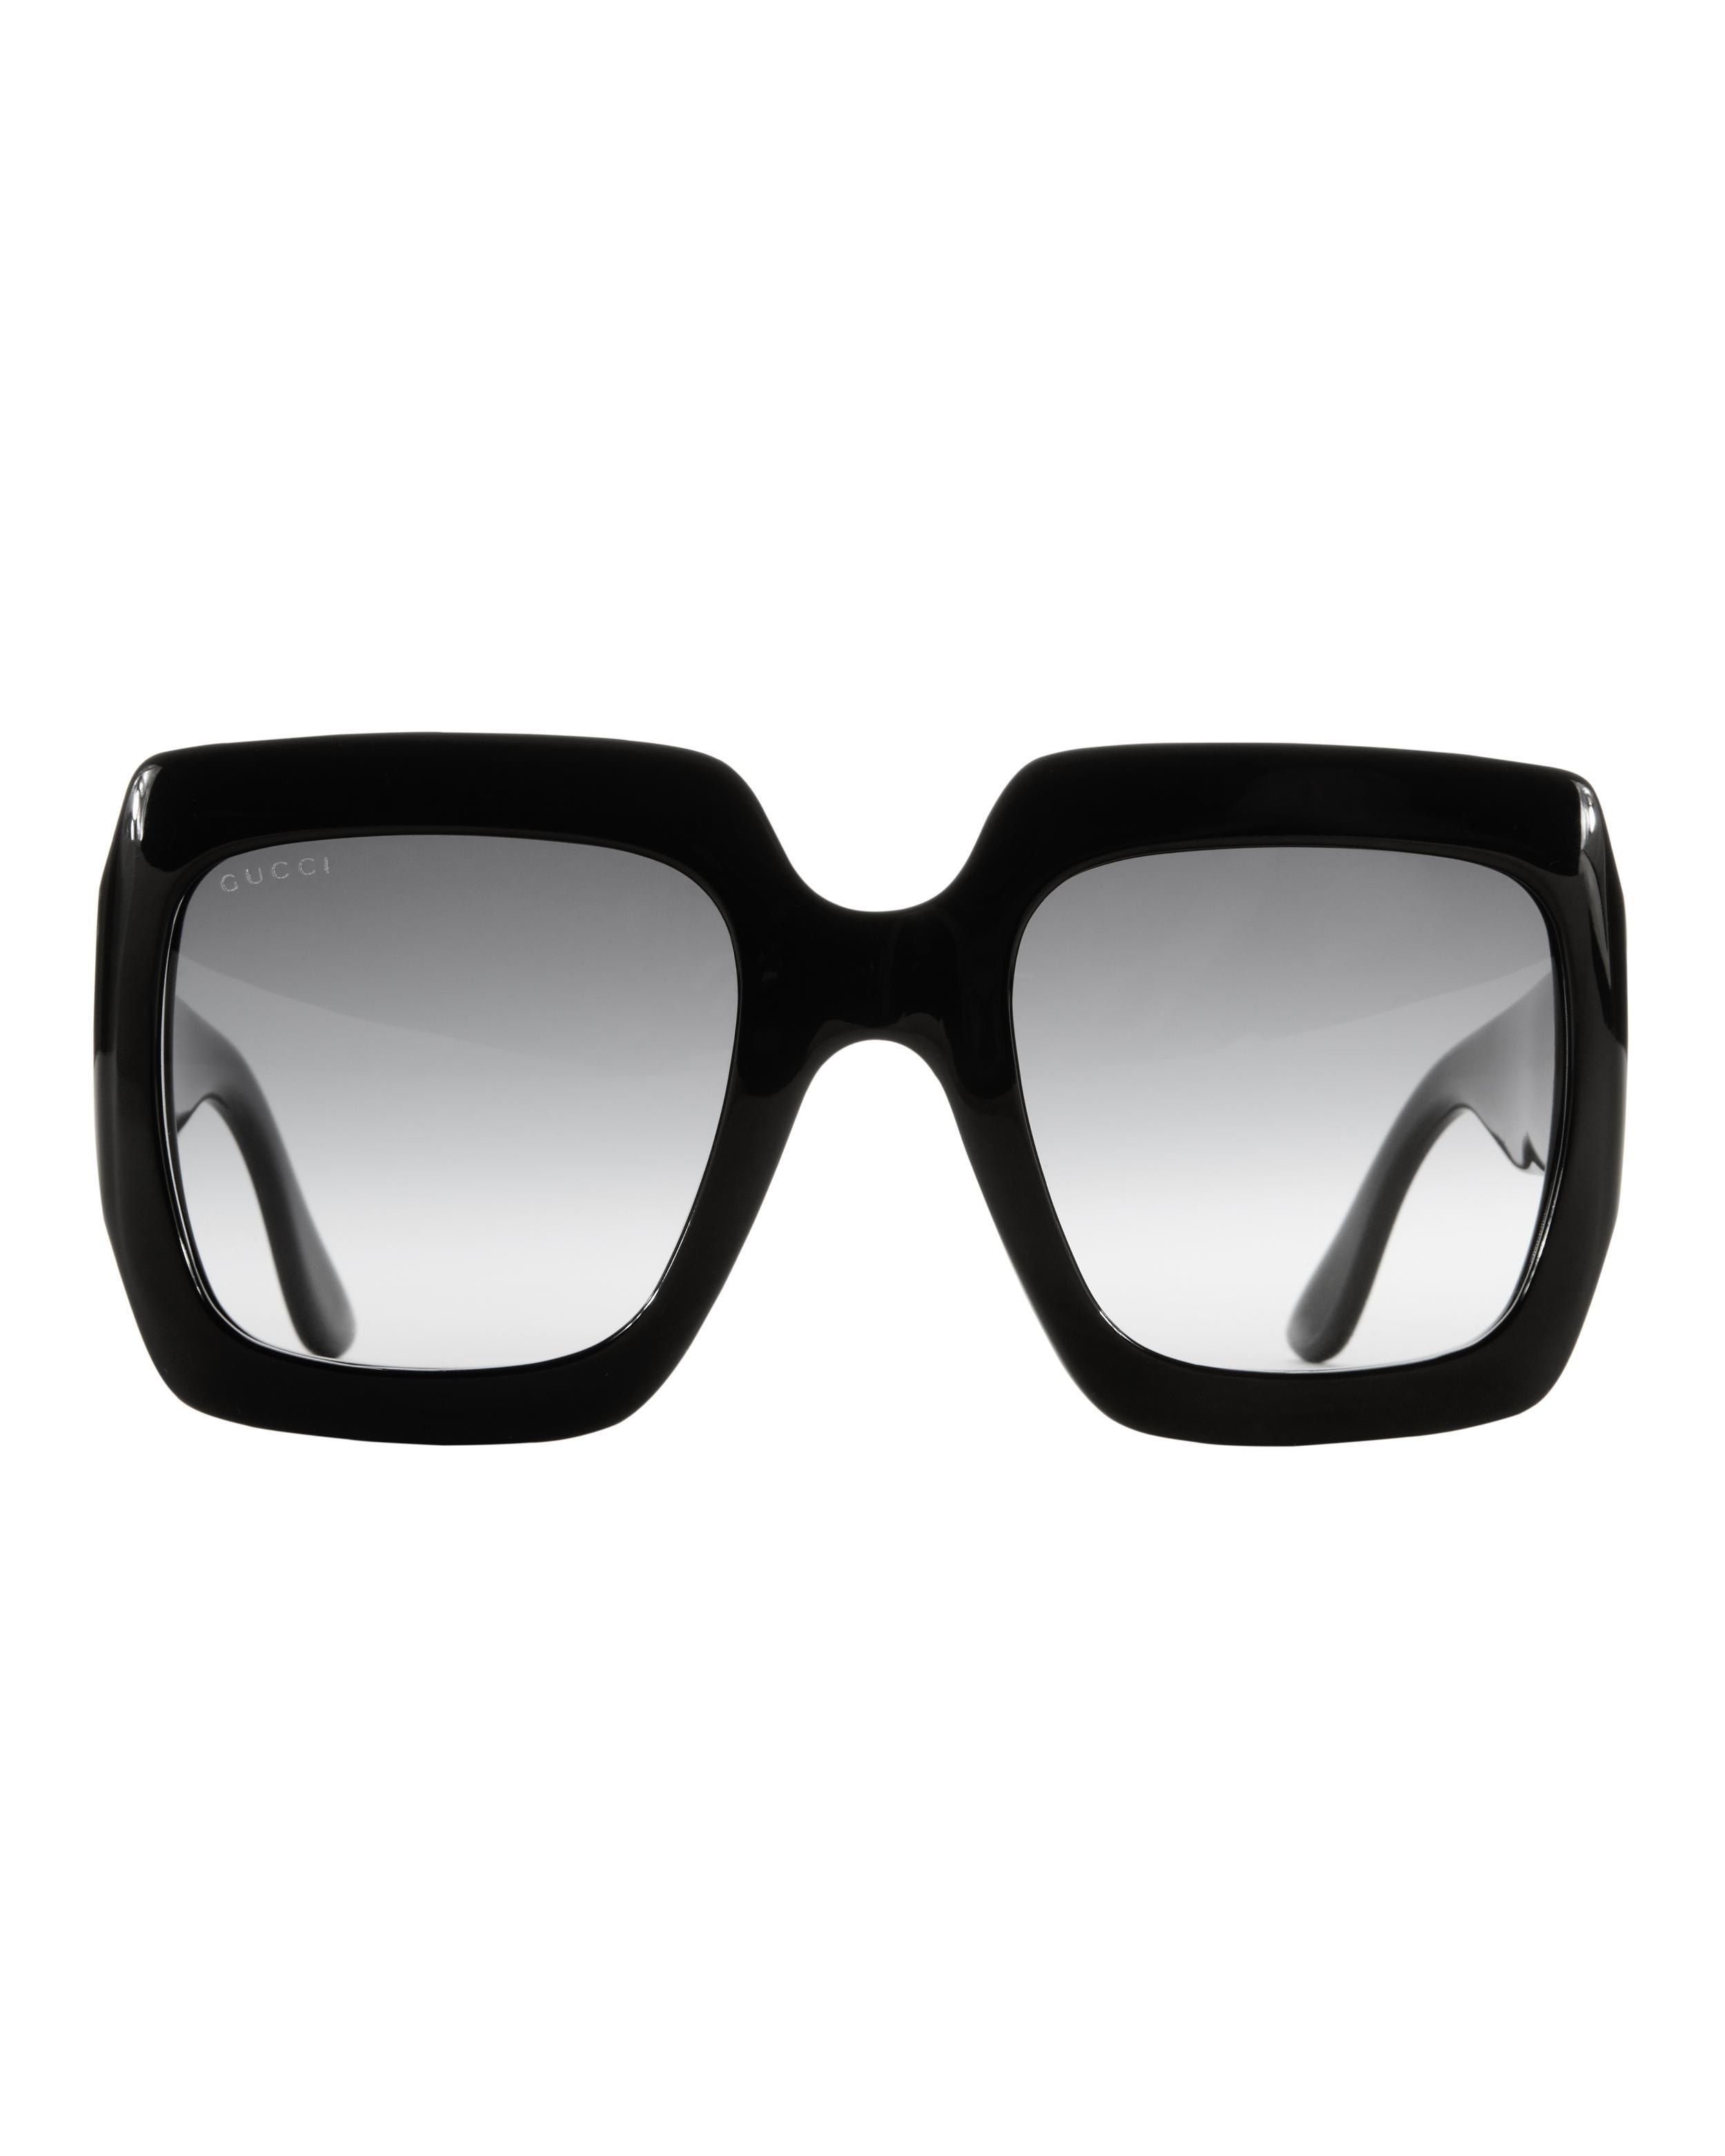 8a7e5ff0de9 Lyst - Gucci Oversized Square Sunglasses in Black